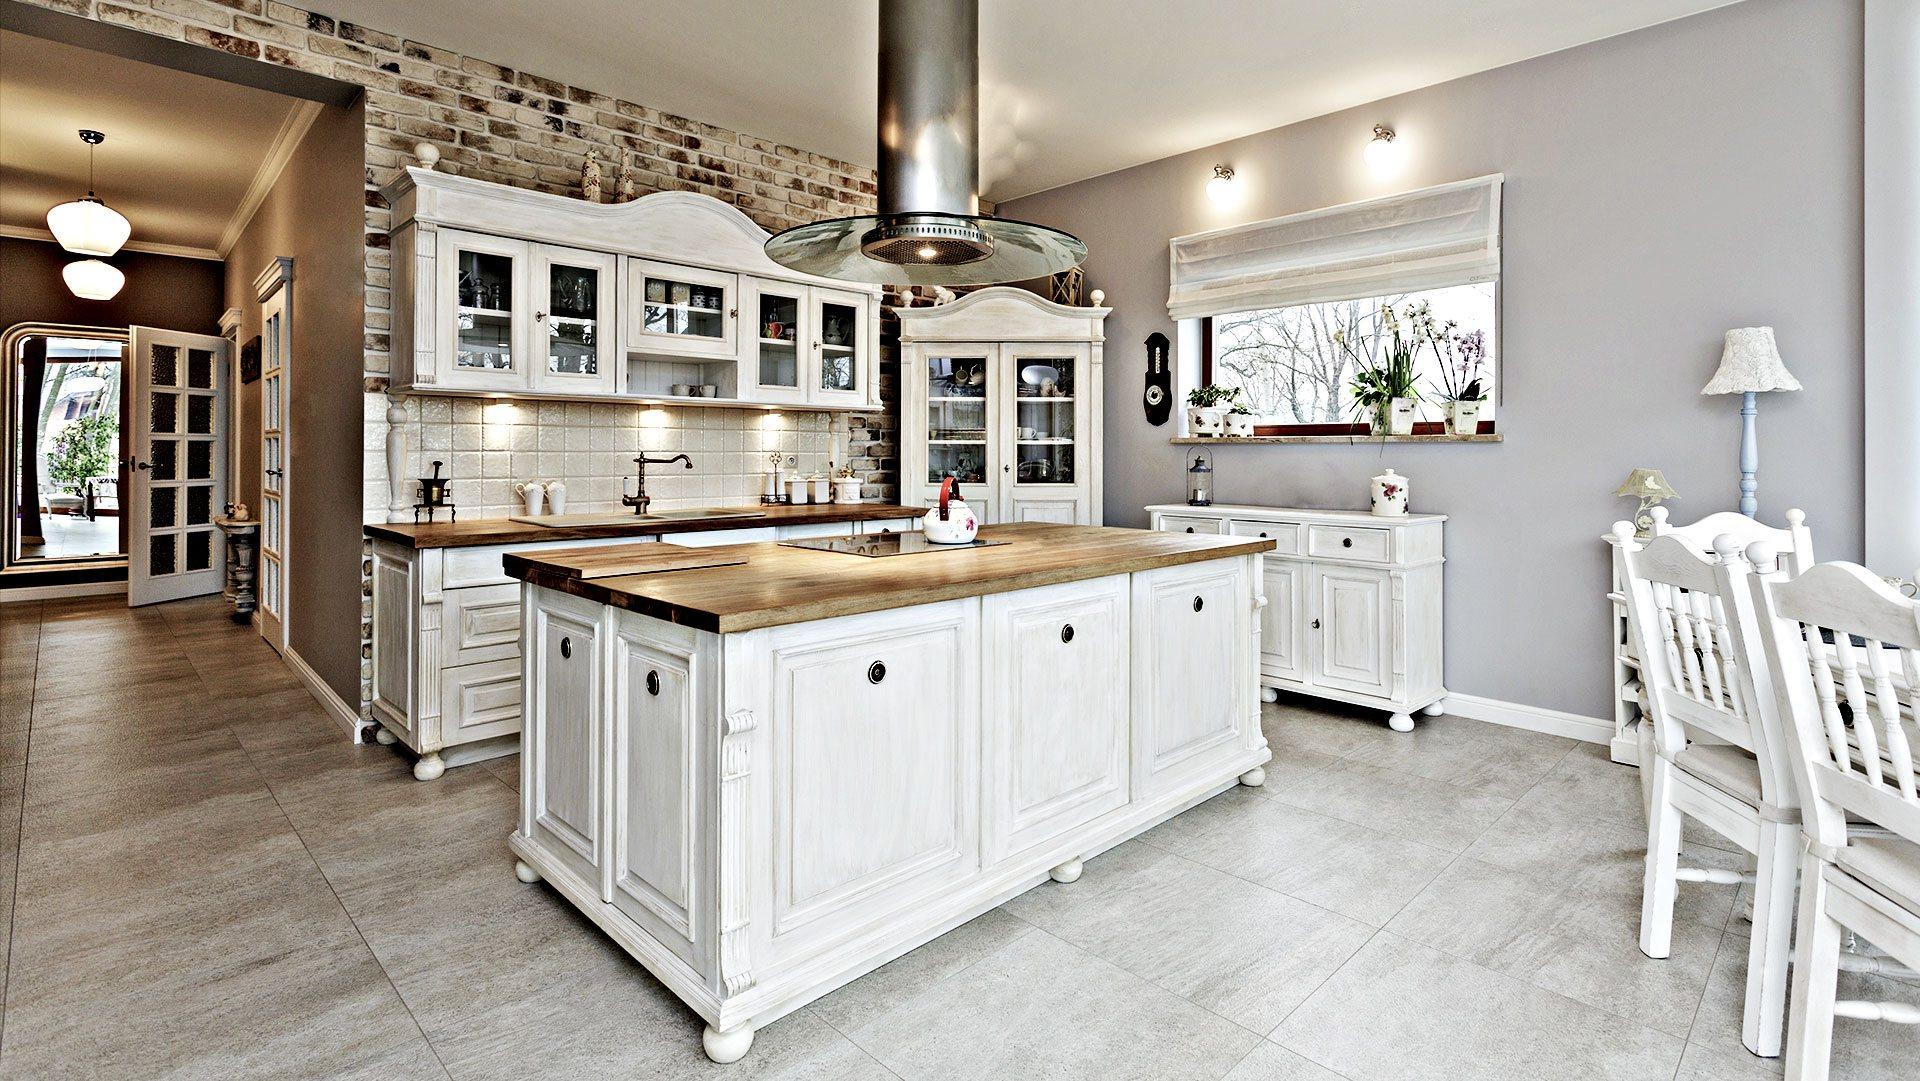 D & D Elite Builders LLC Remodeled Kitchen 2